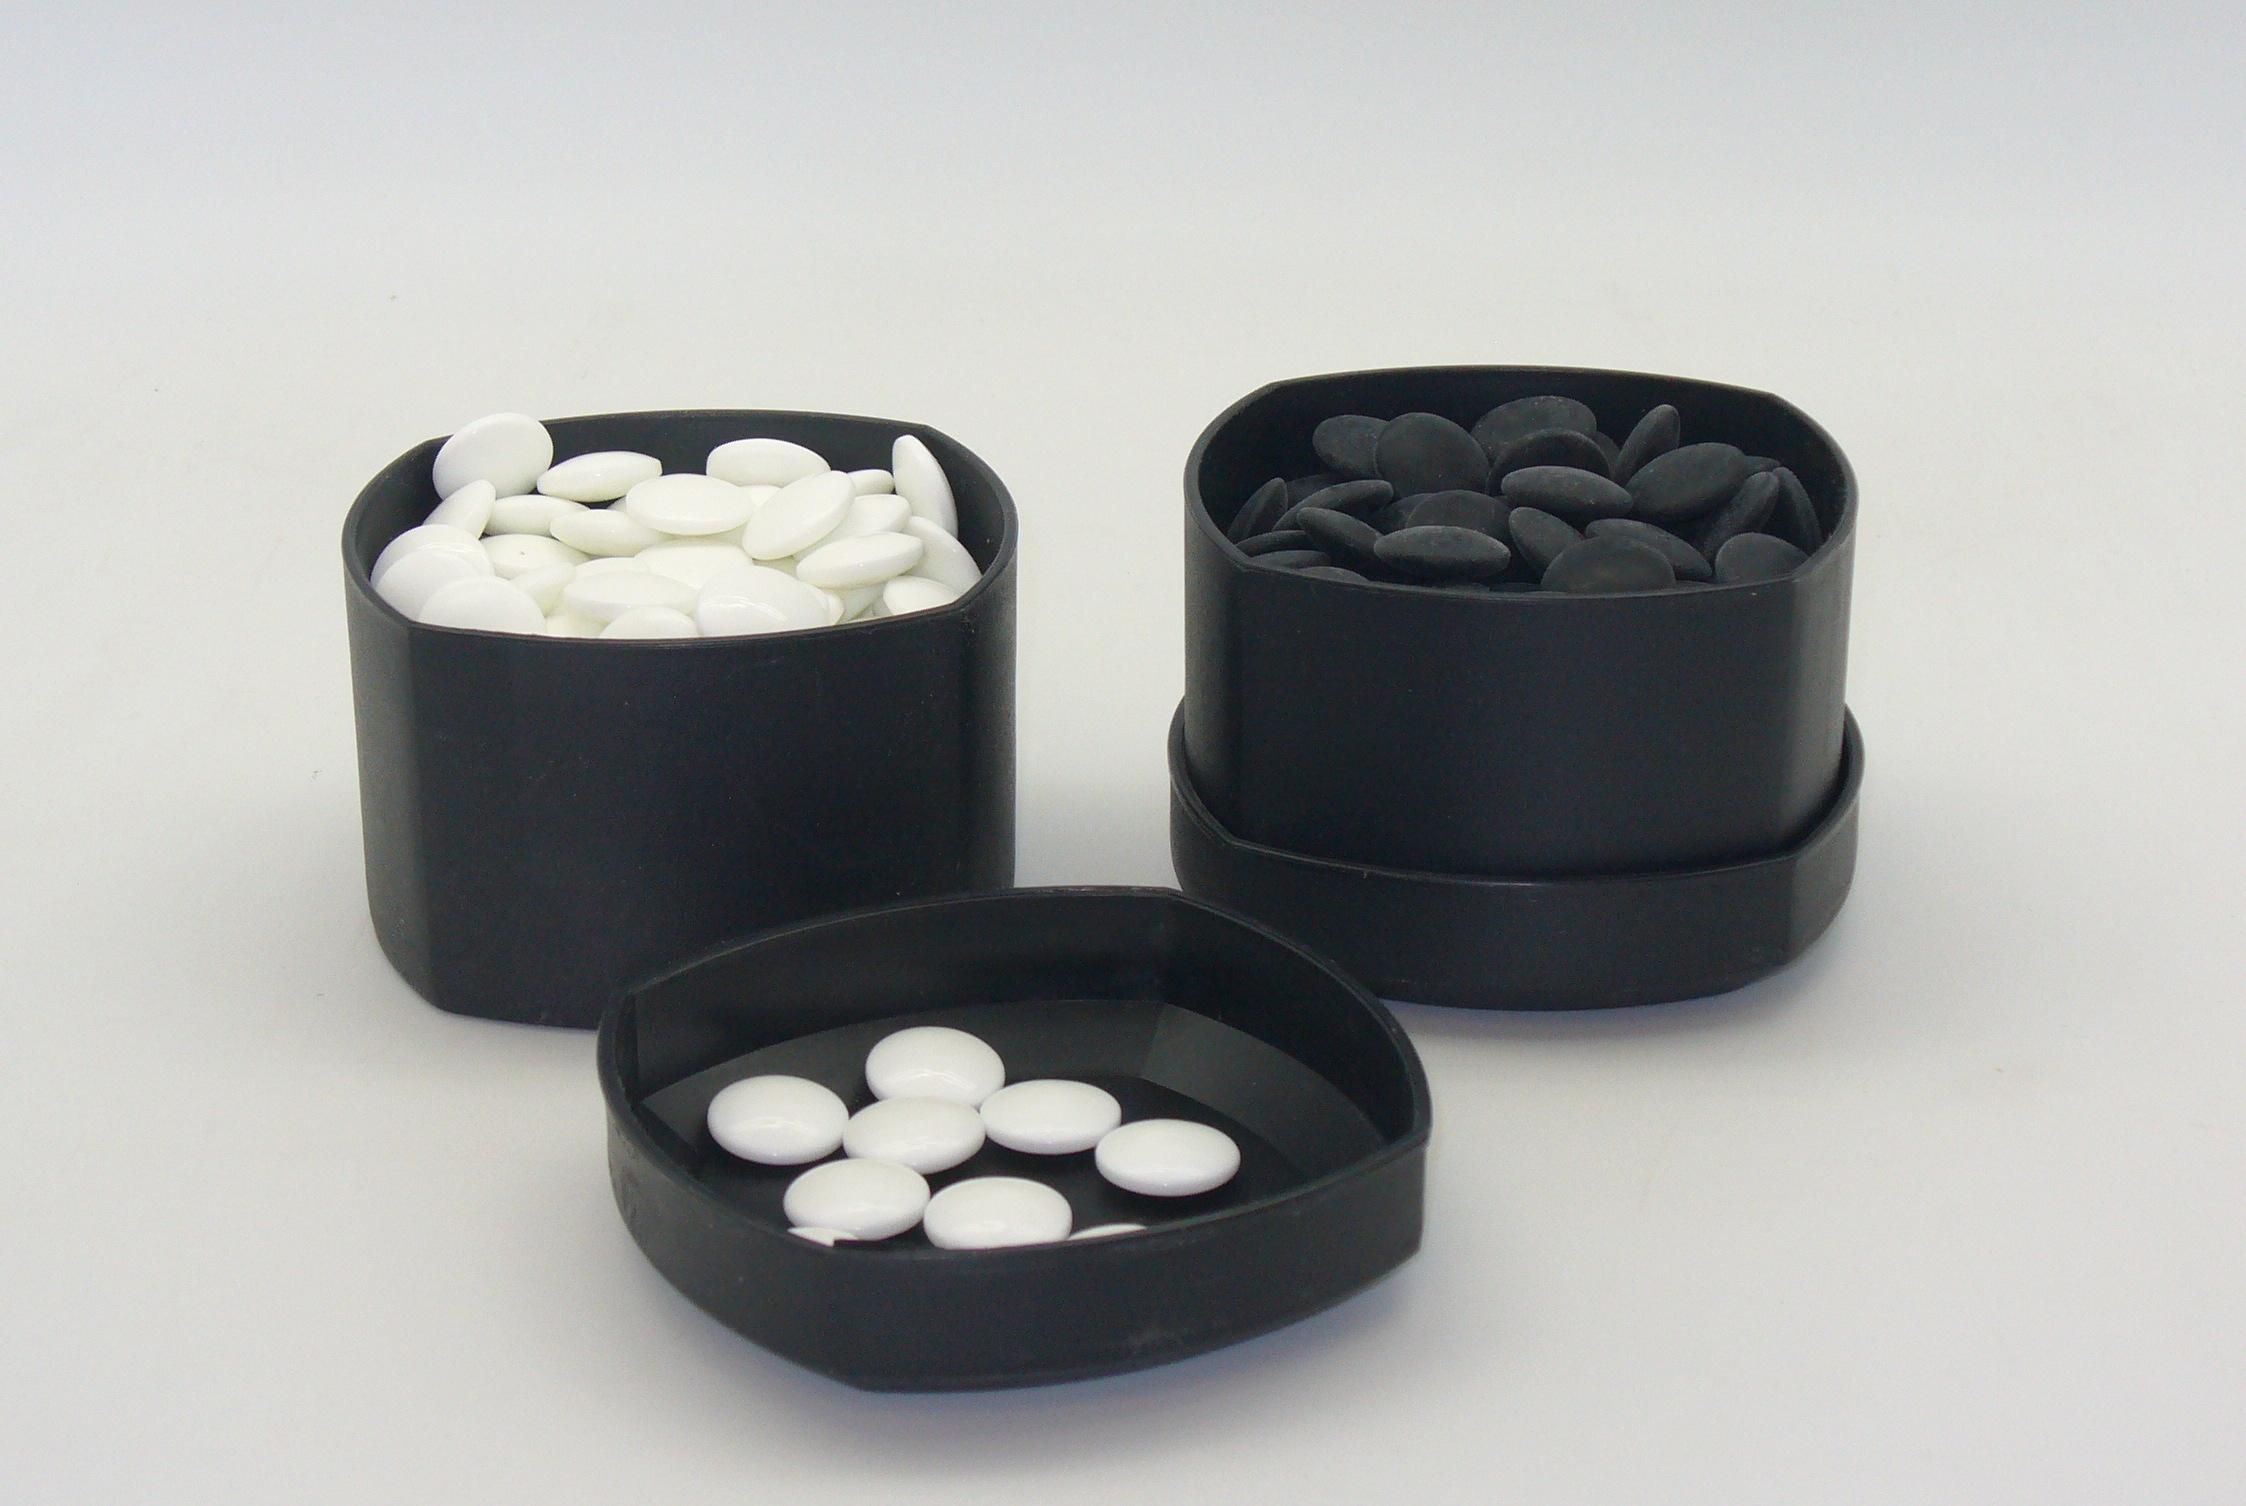 ShinkWang 22801K-8BW 8mm Glass Stones and Grey Bowls